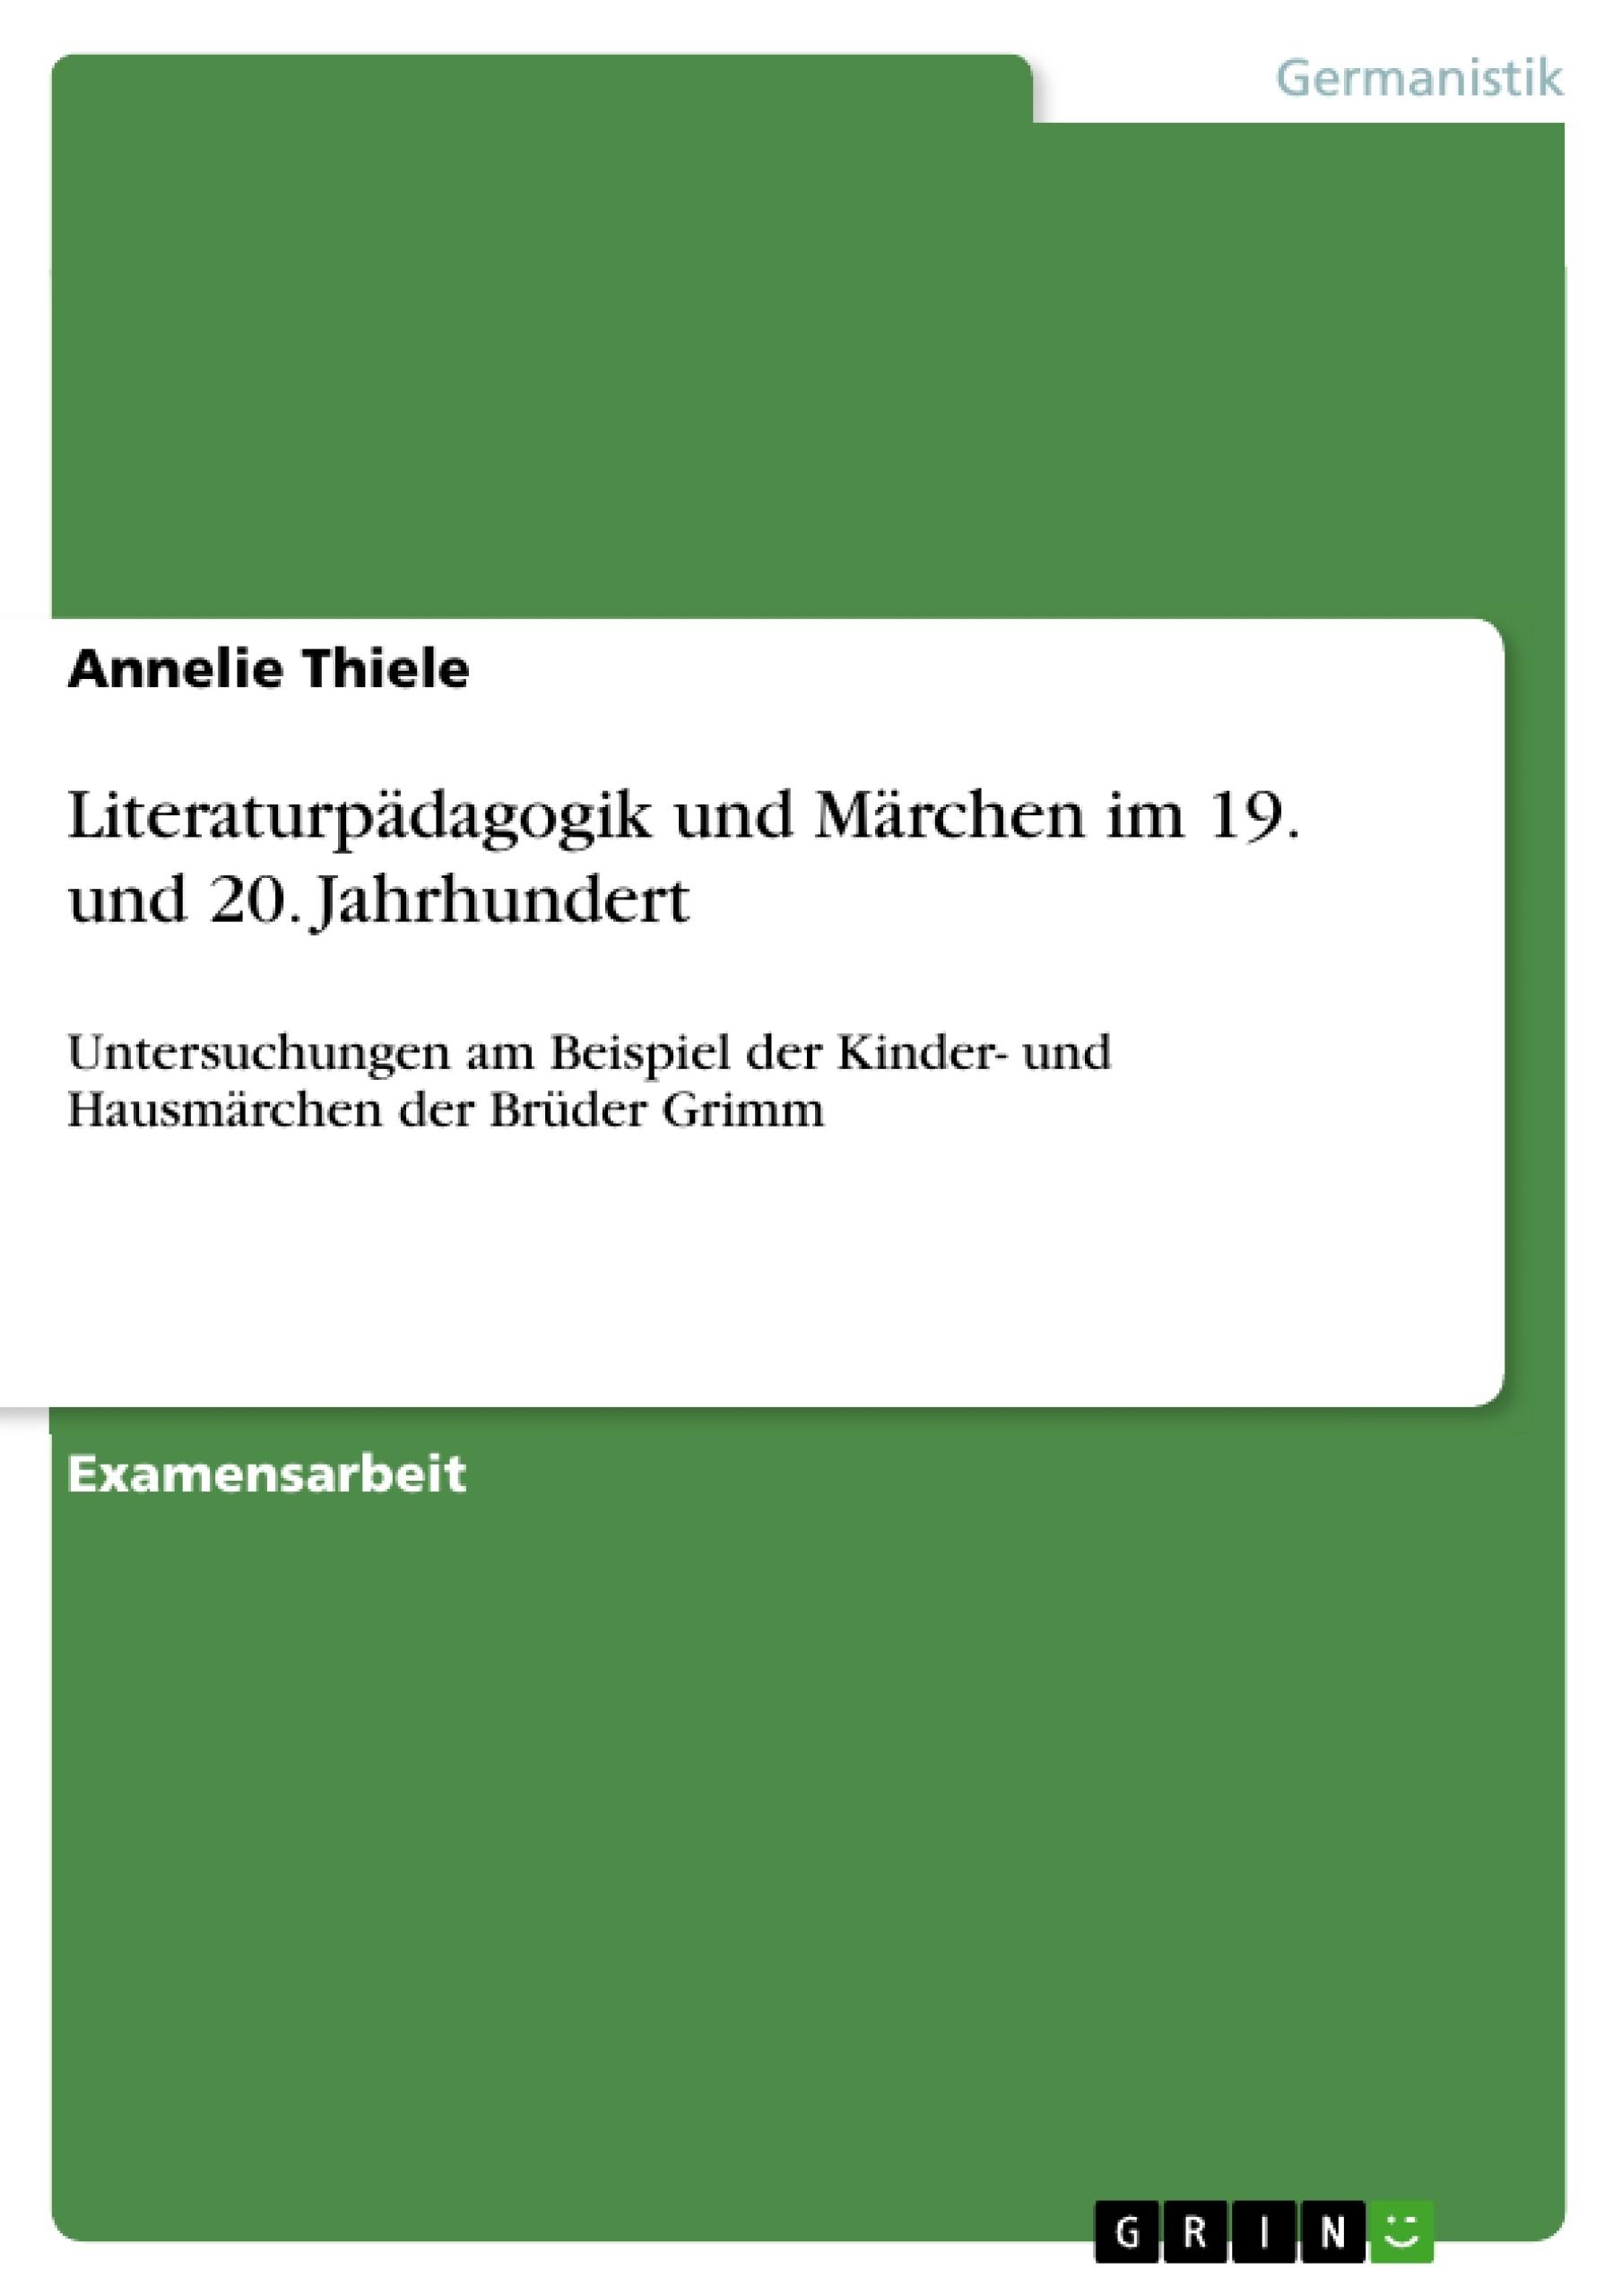 Titel: Literaturpädagogik und Märchen im 19. und 20. Jahrhundert